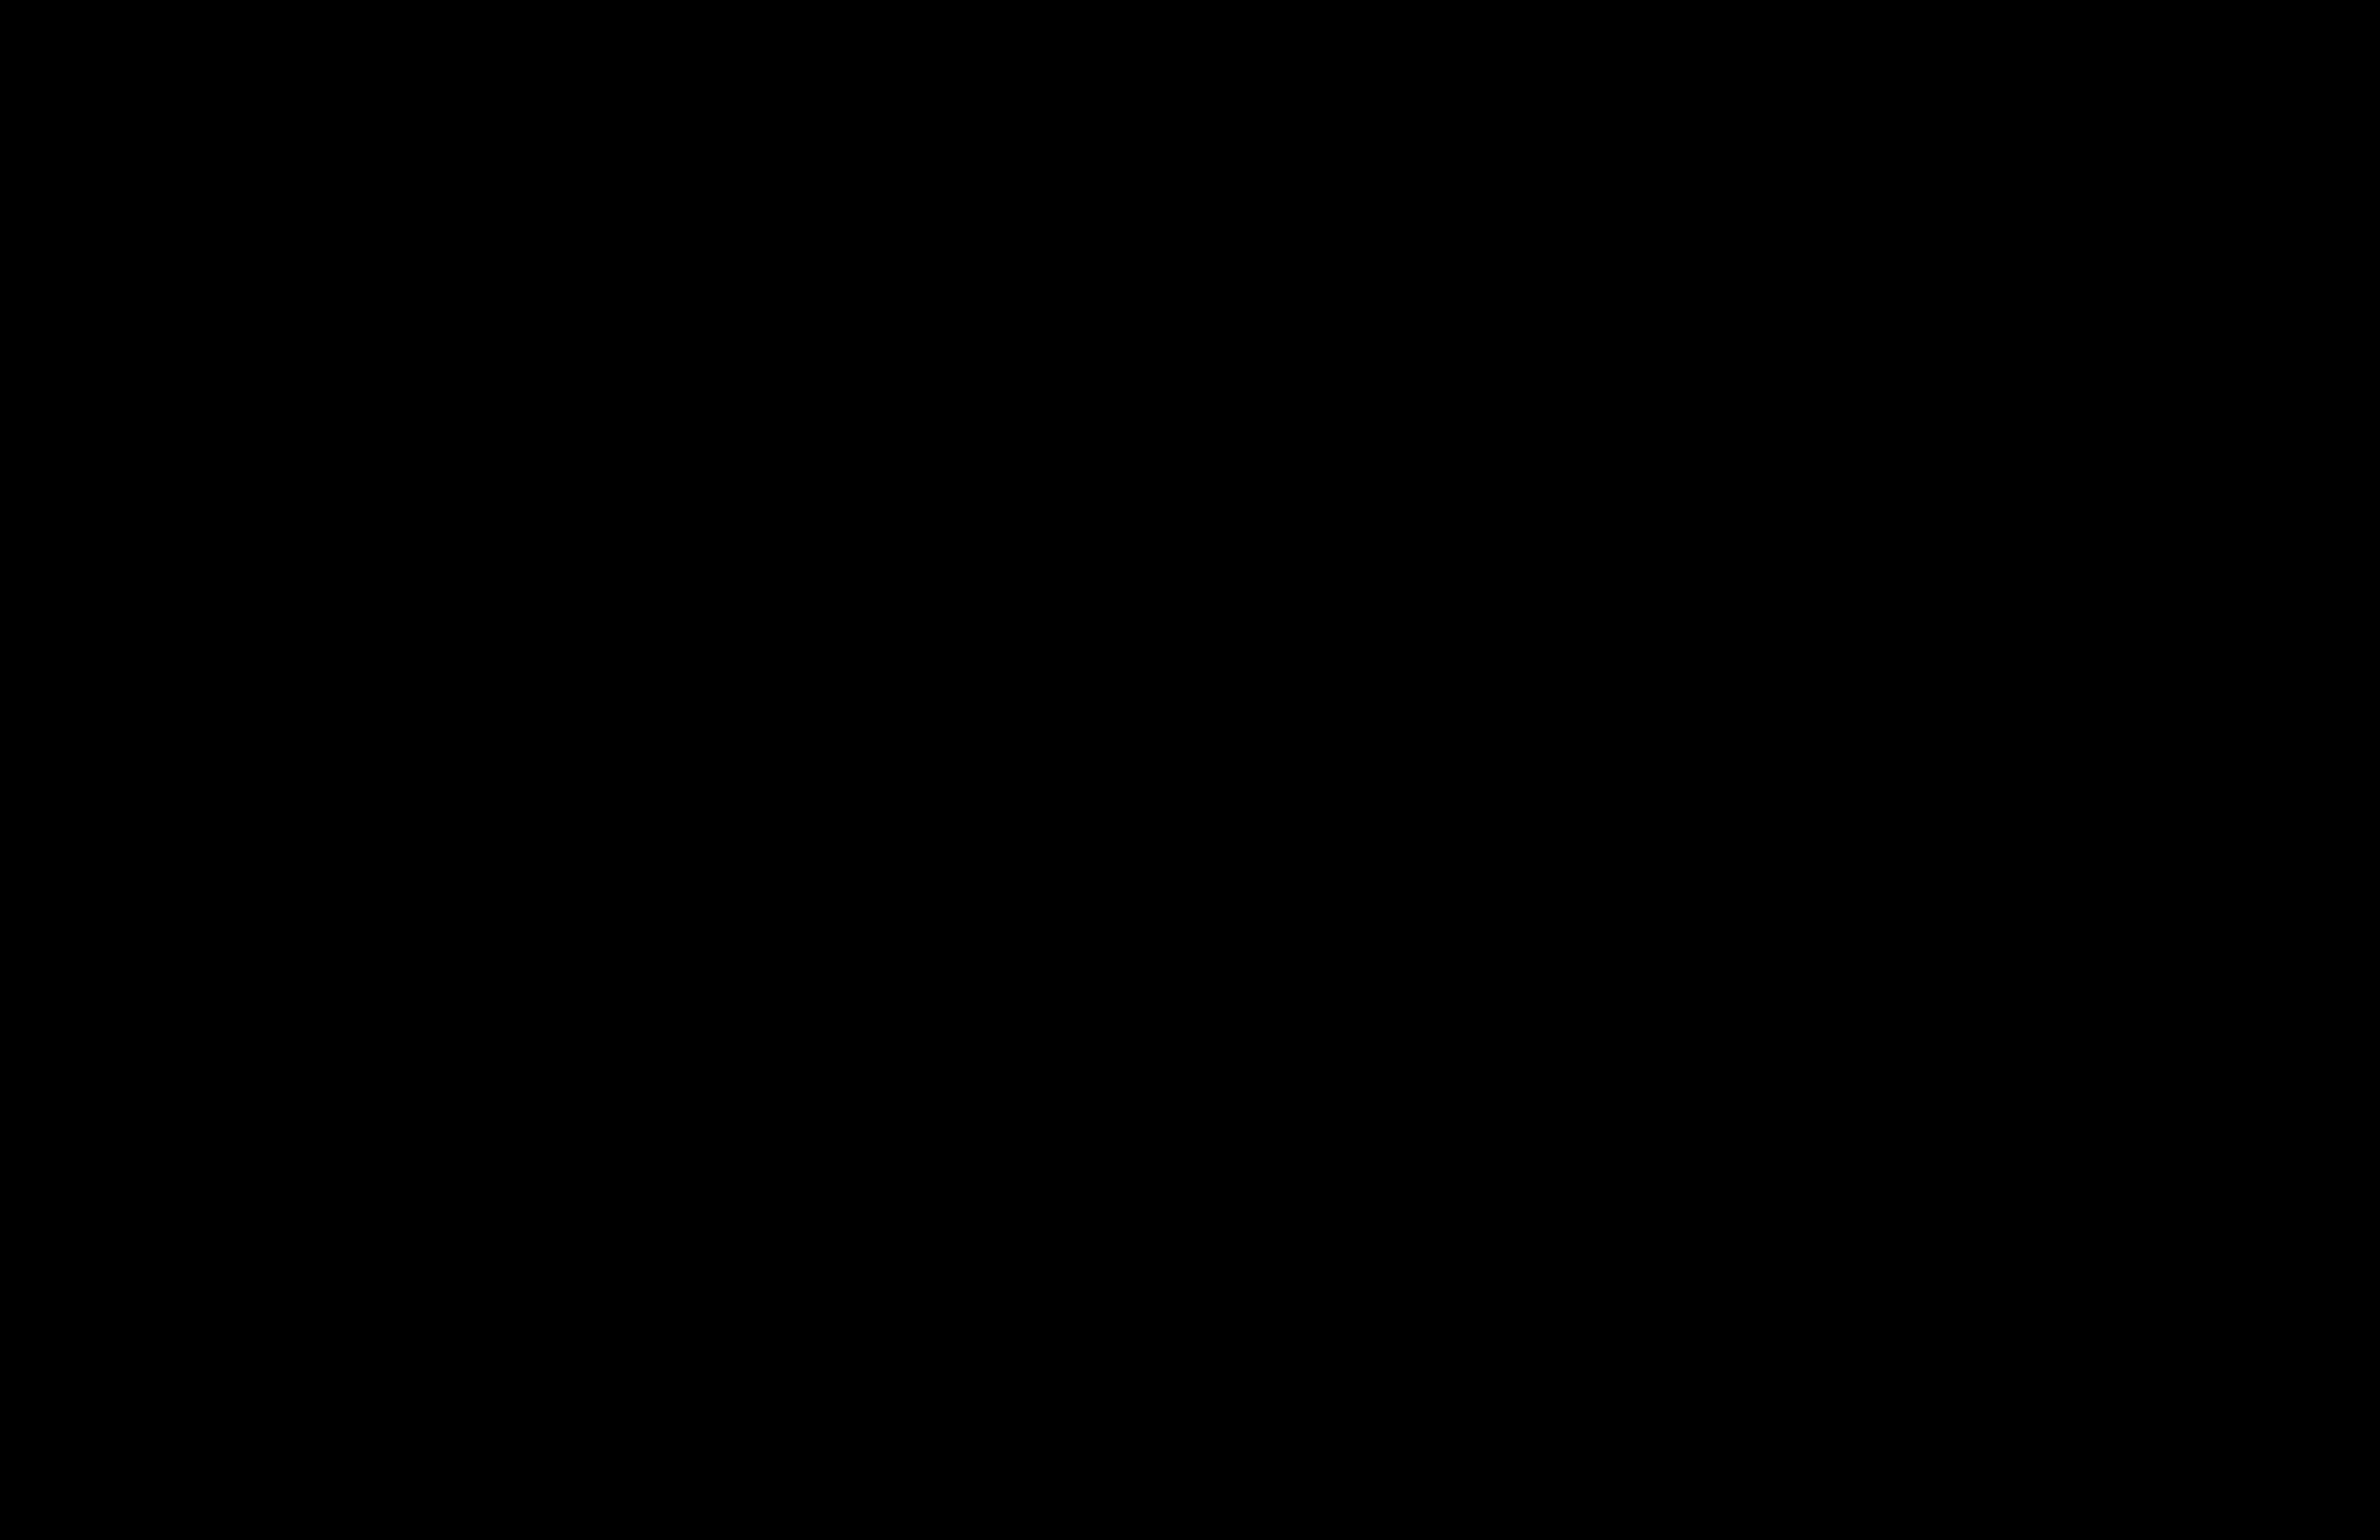 Road & railroad layer